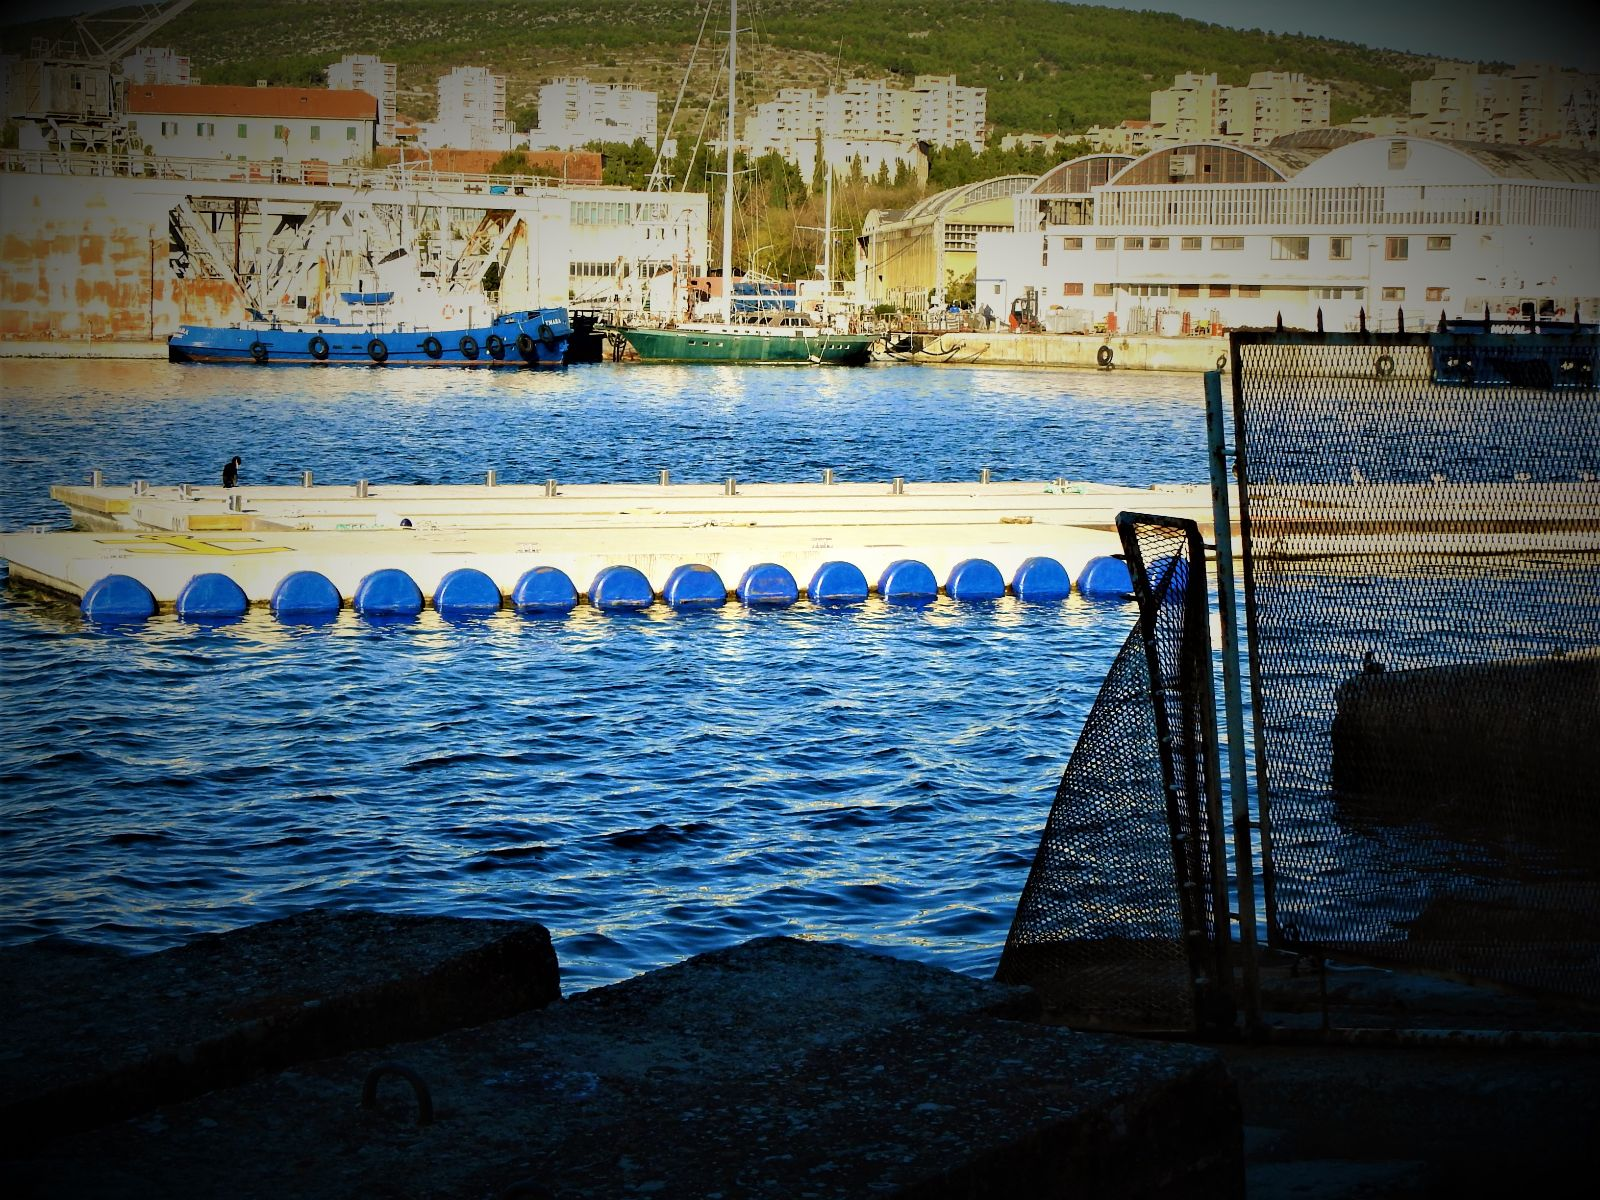 Pomorsko ne-dobro, brodogradilište u pozadini  (foto TRIS/G. Šimac)